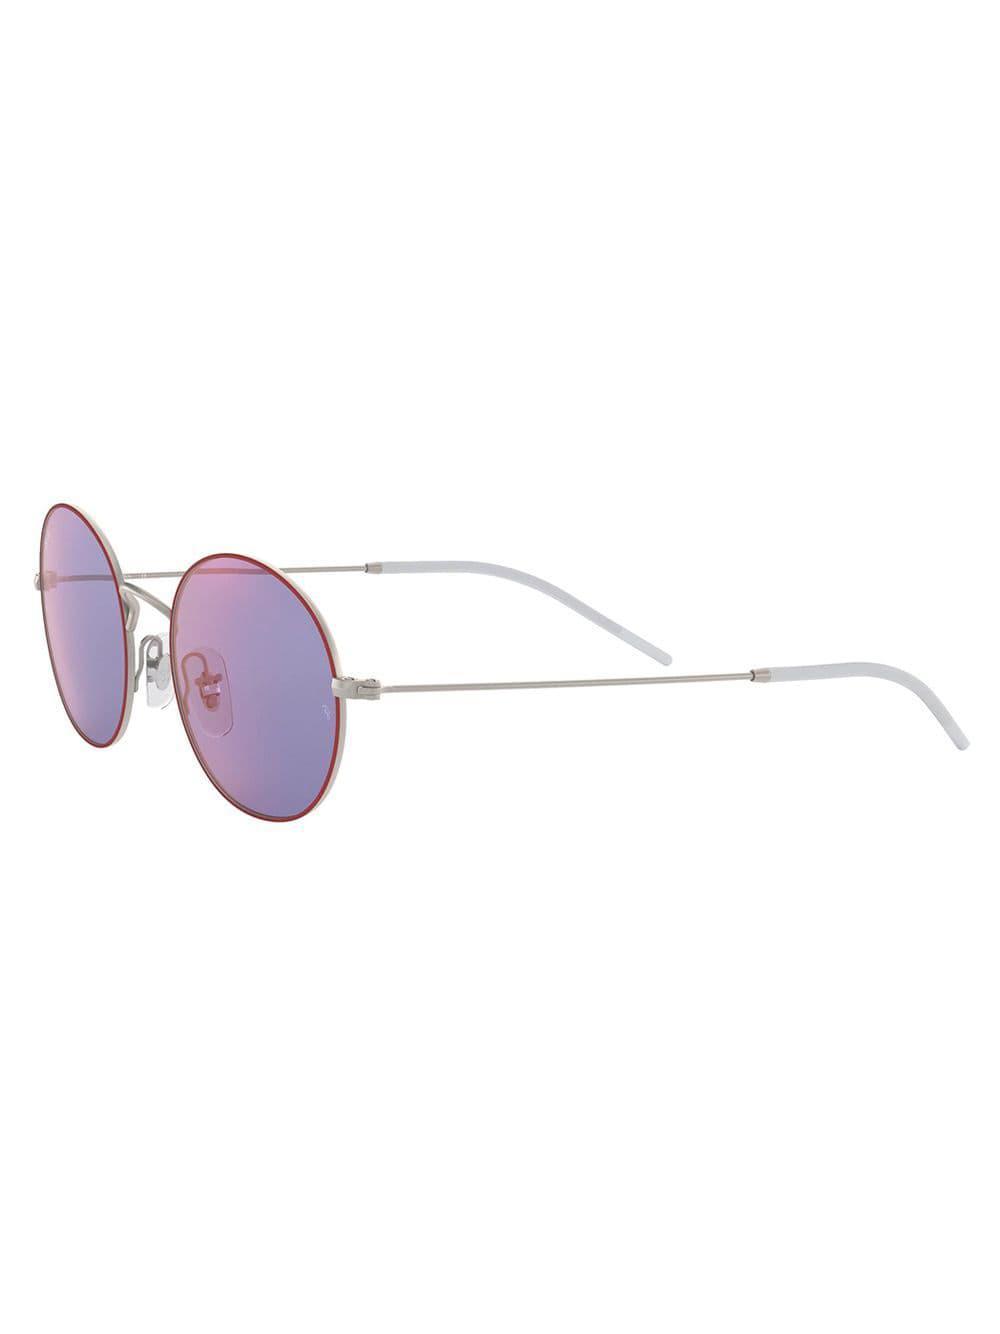 c2c102aa0f1d73 Ray-Ban - Multicolor Óculos De Sol Rb3594 - Lyst. View fullscreen